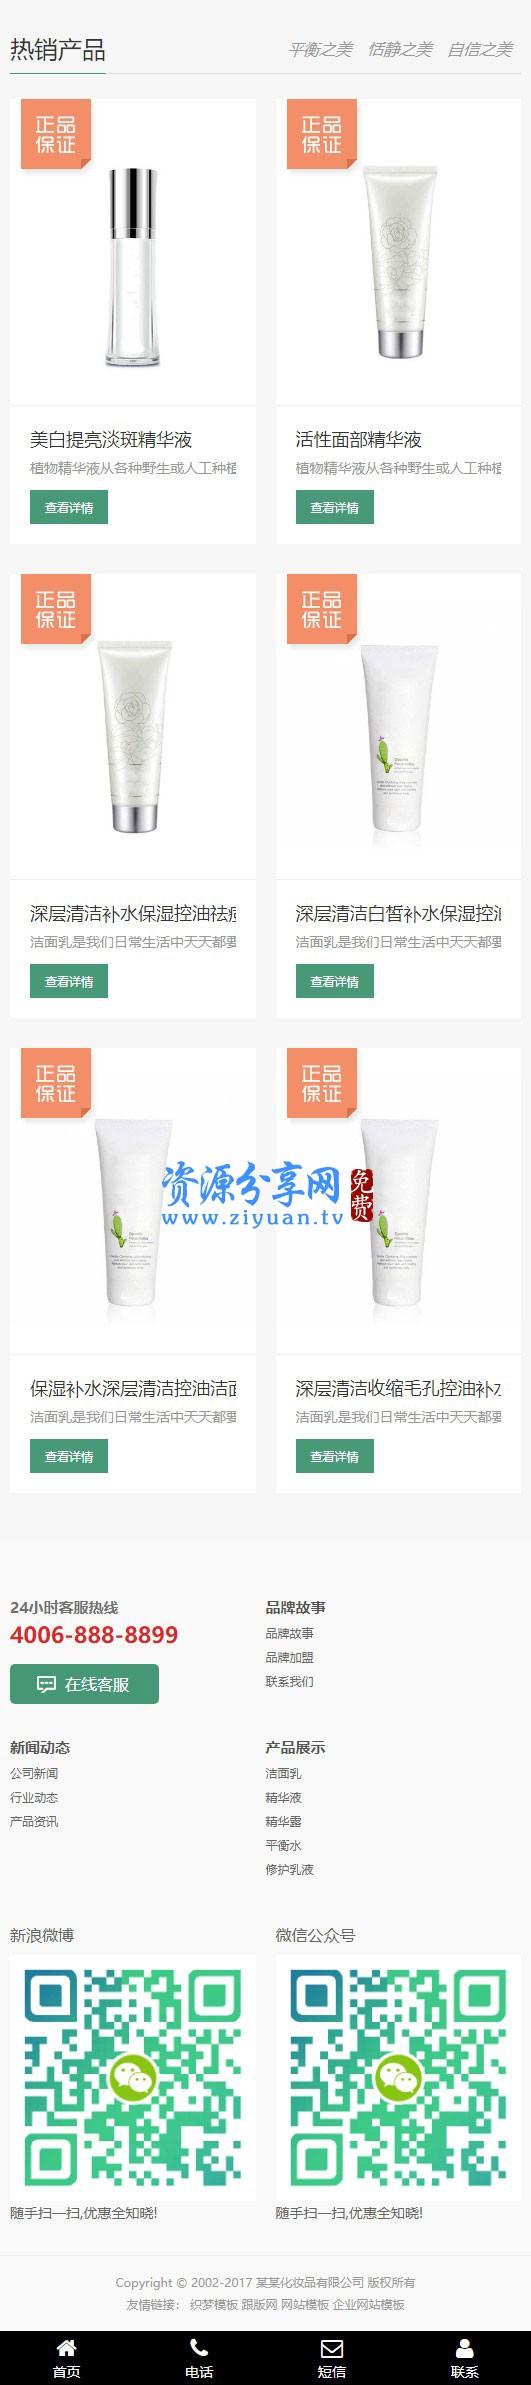 化妆品护肤品网站模板 织梦模板+灰色美容化妆产品网站织梦 dede 模板源码